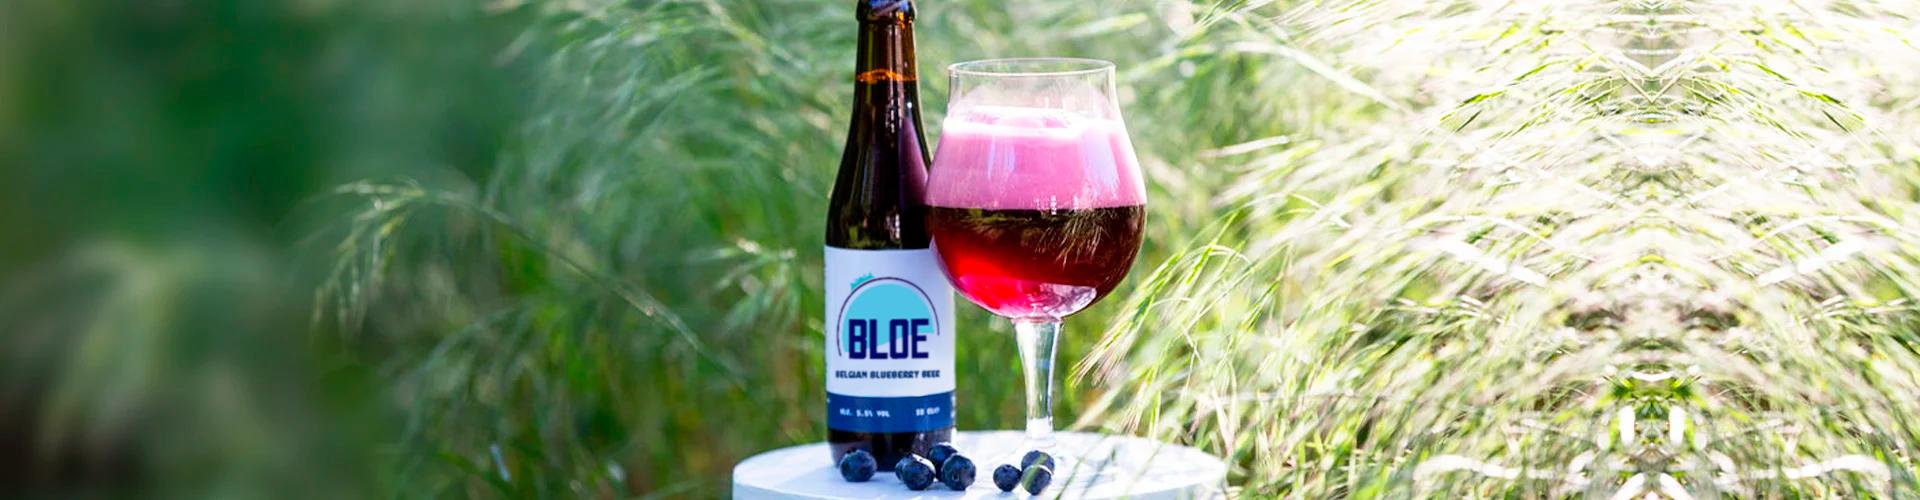 Best Belgian Blue Berry Beer